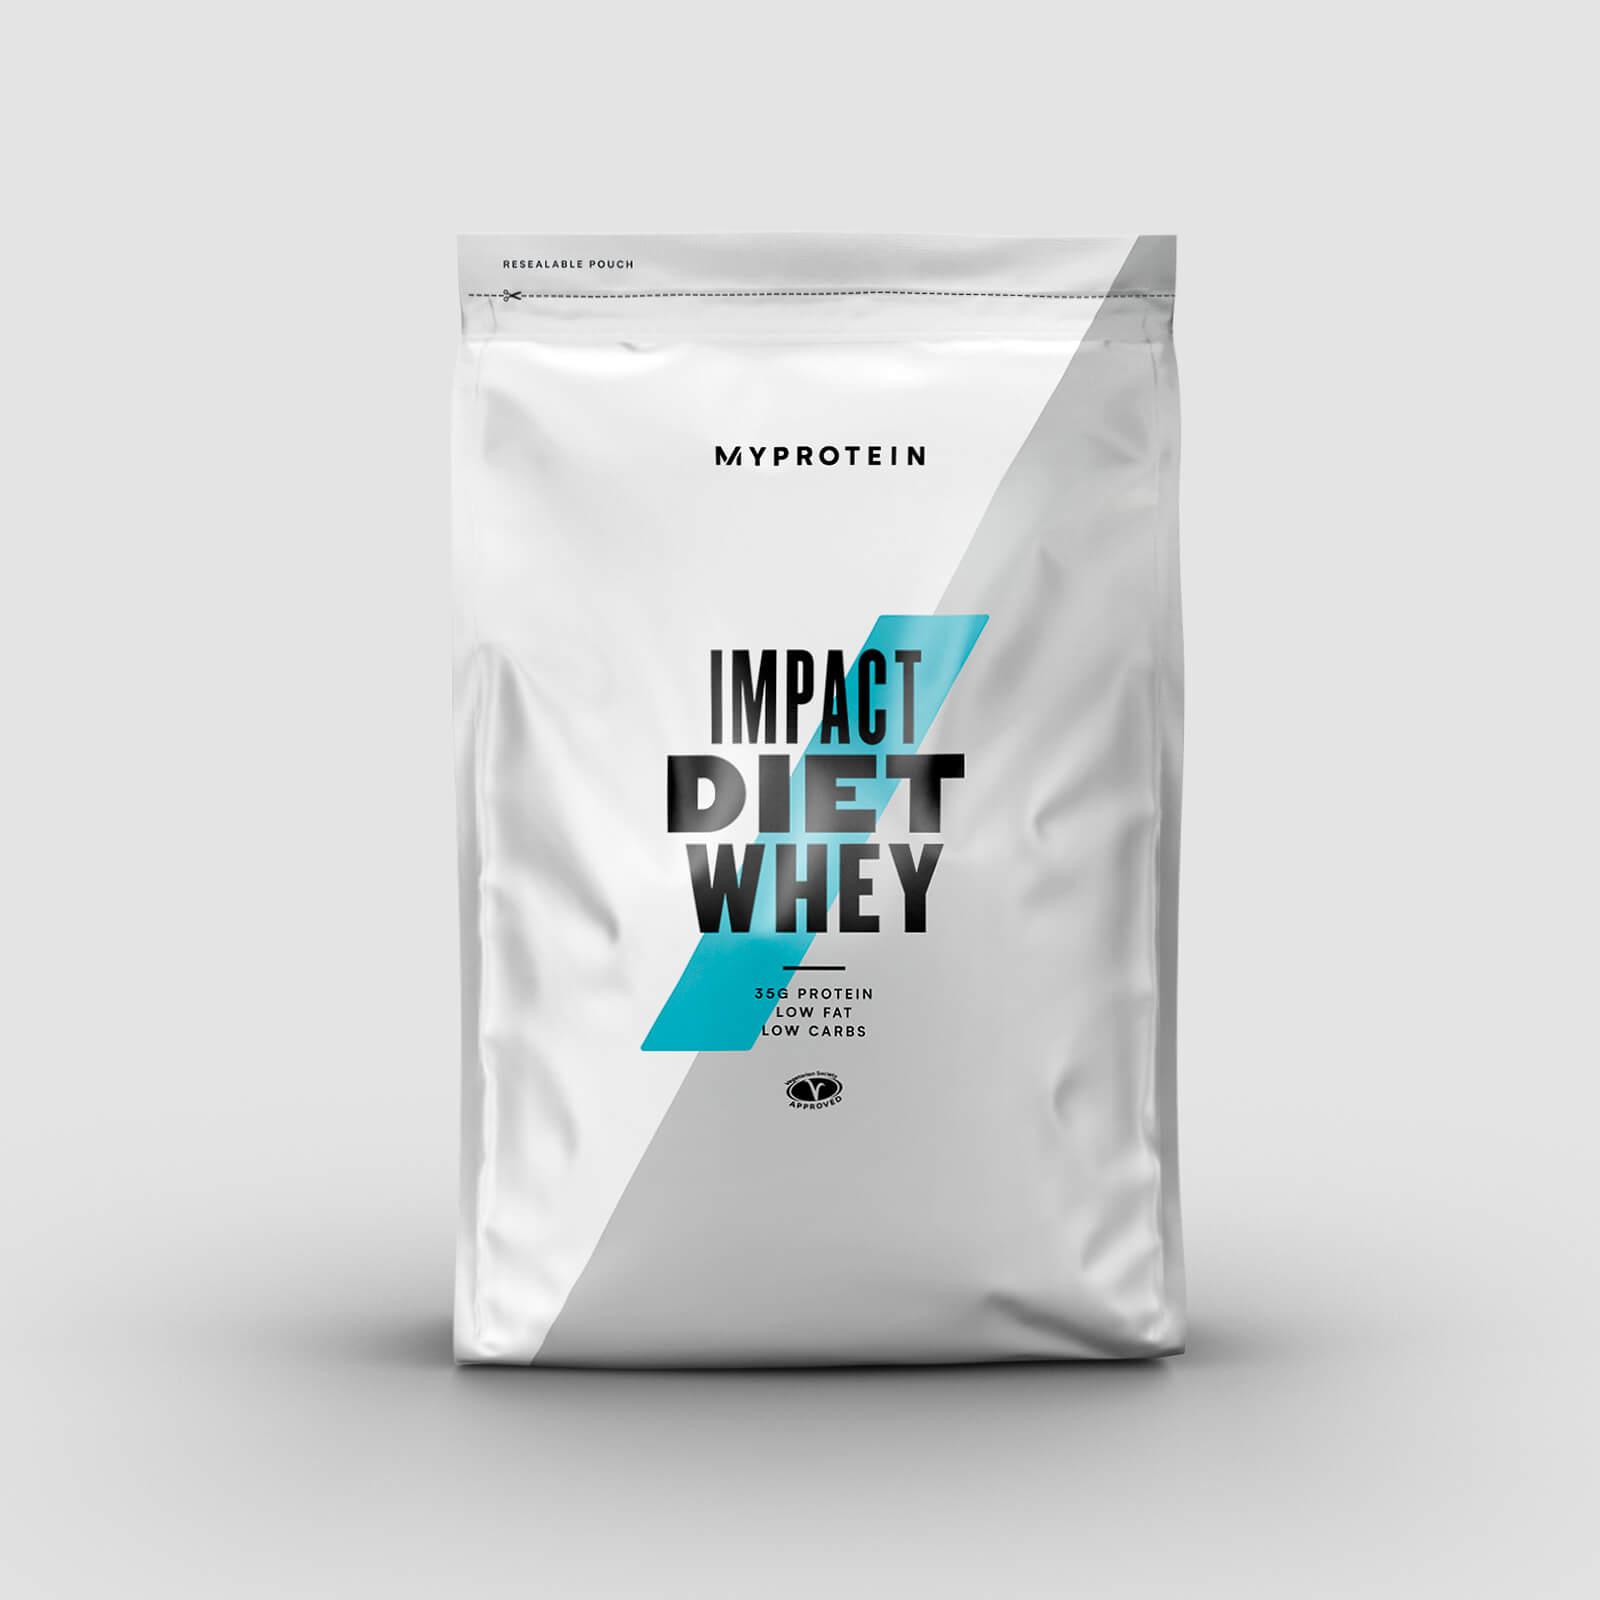 Myprotein Impact Diet Whey - 1kg - Chocolat